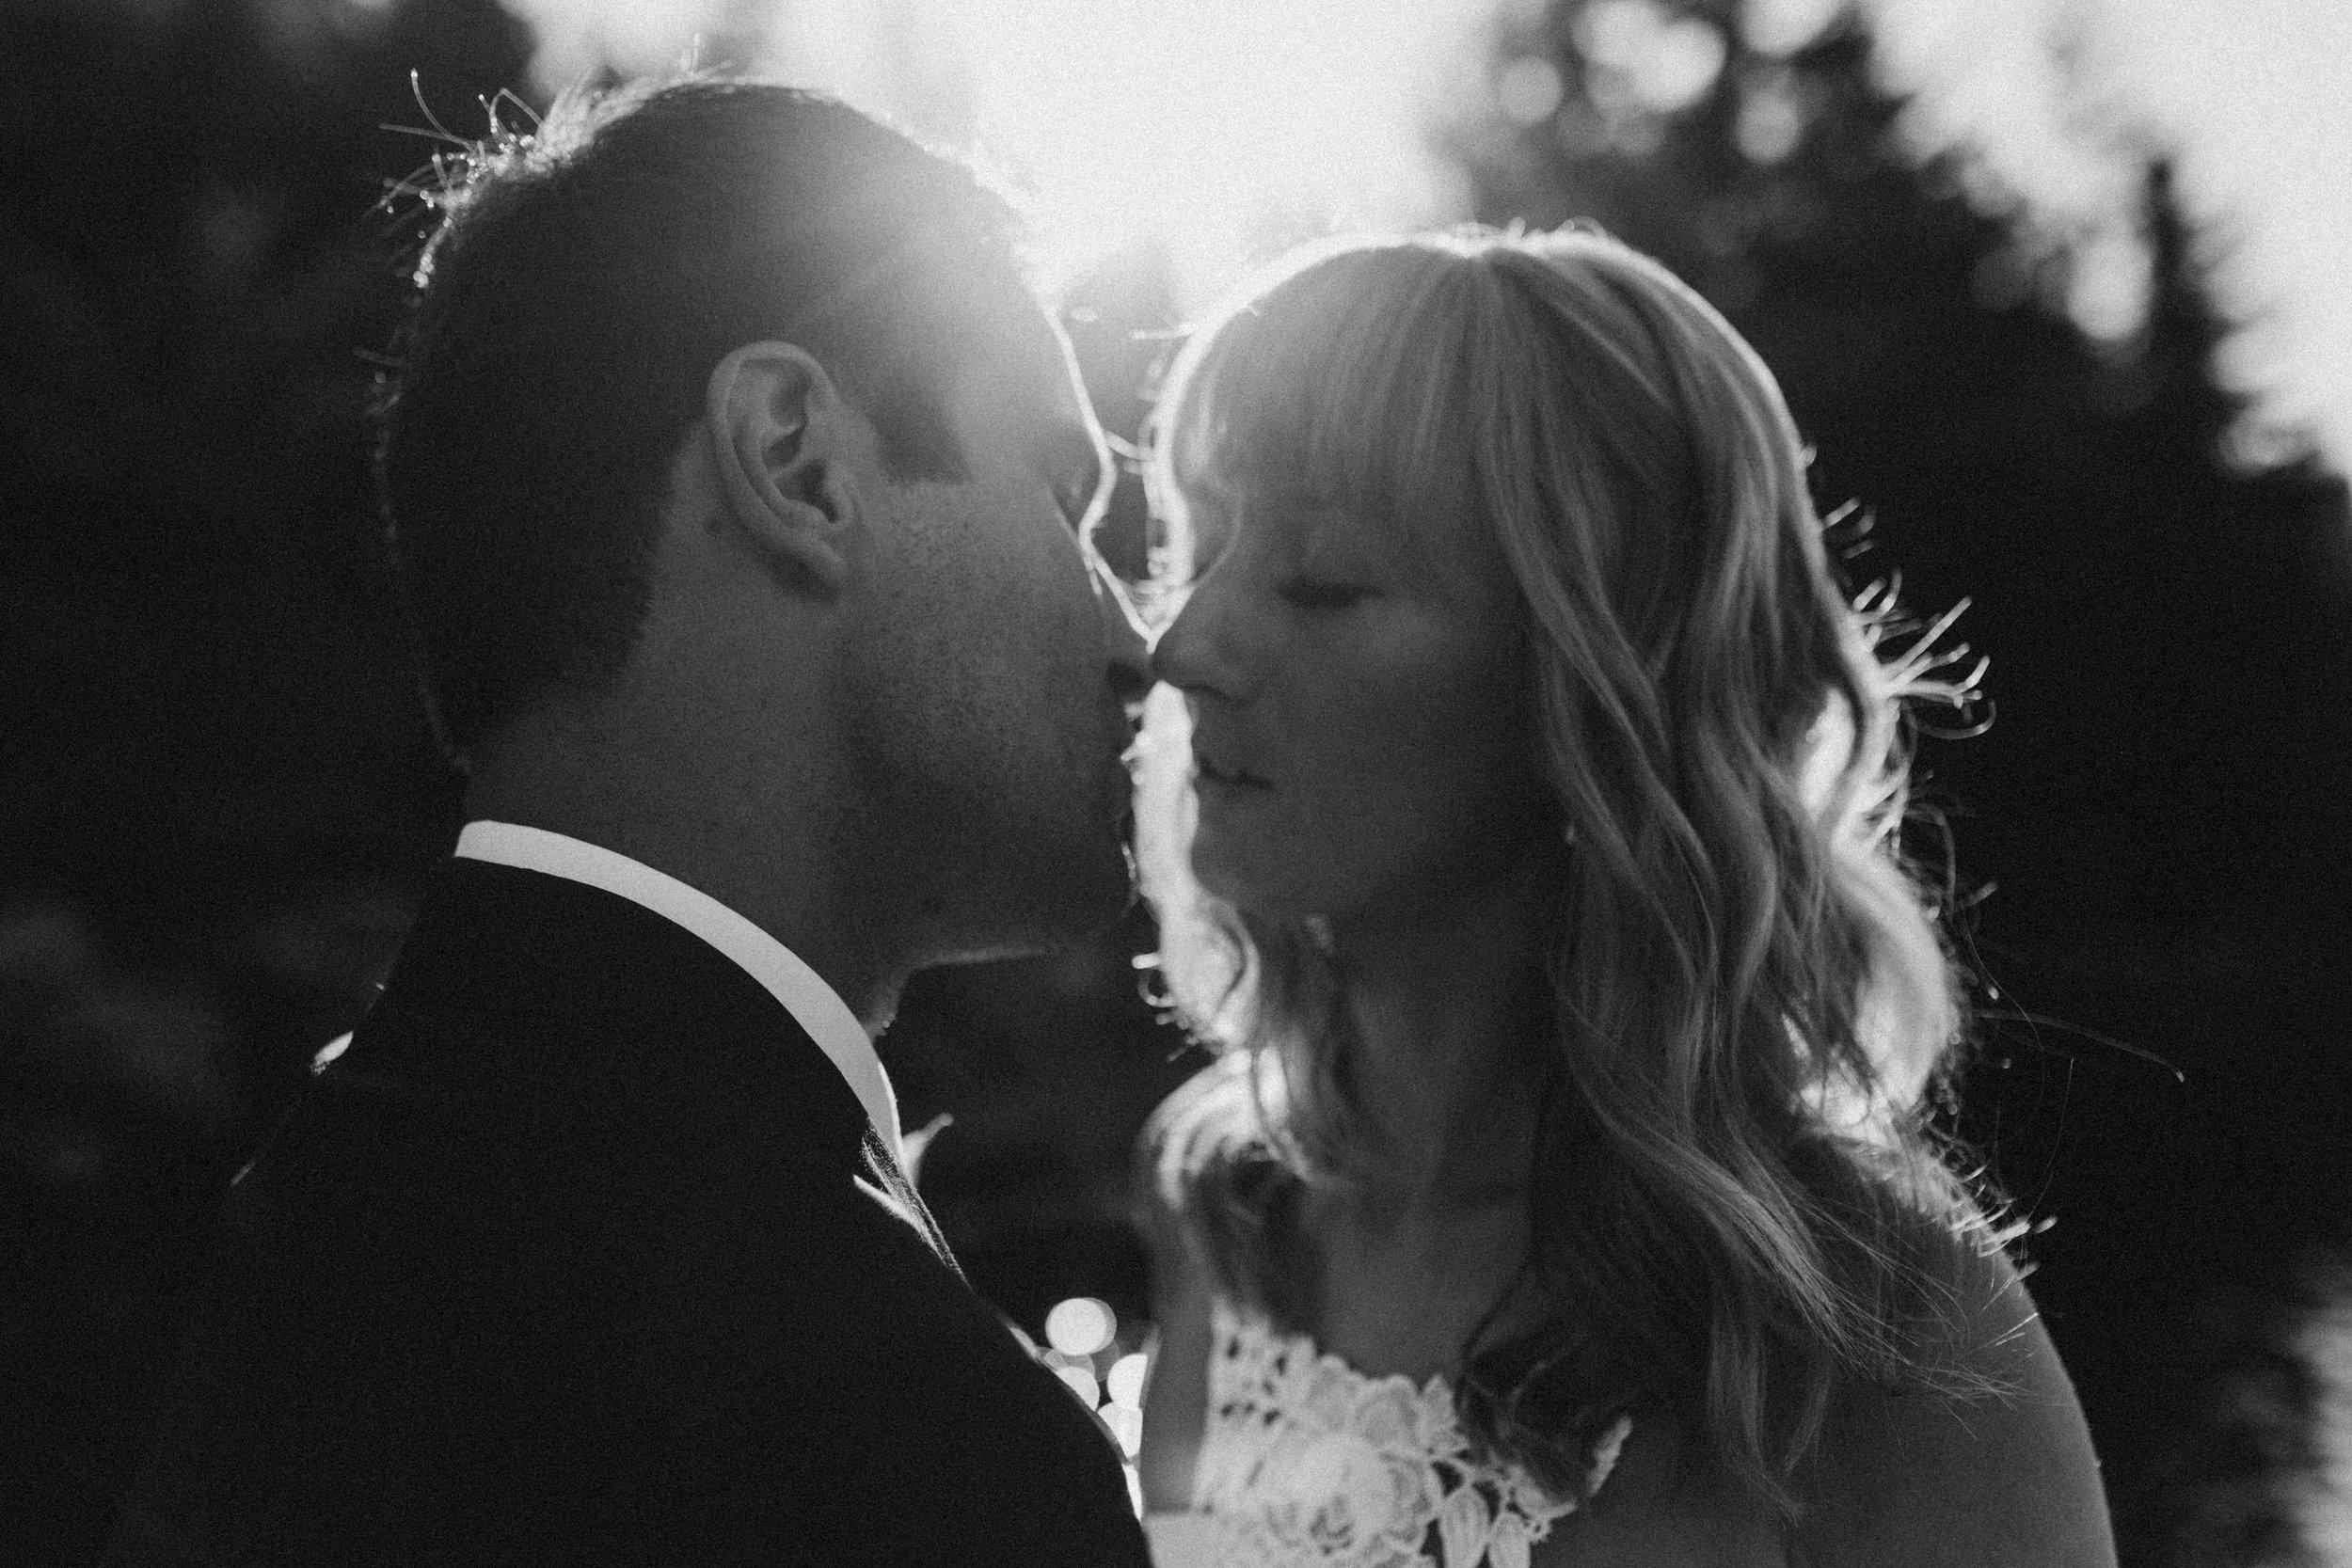 Sunshine Coast Wedding Photographer - Vancouver Wedding Photographer - West Coast Wilderness Lodge Wedding - Jennifer Picard Photography - IMG_7871.jpg